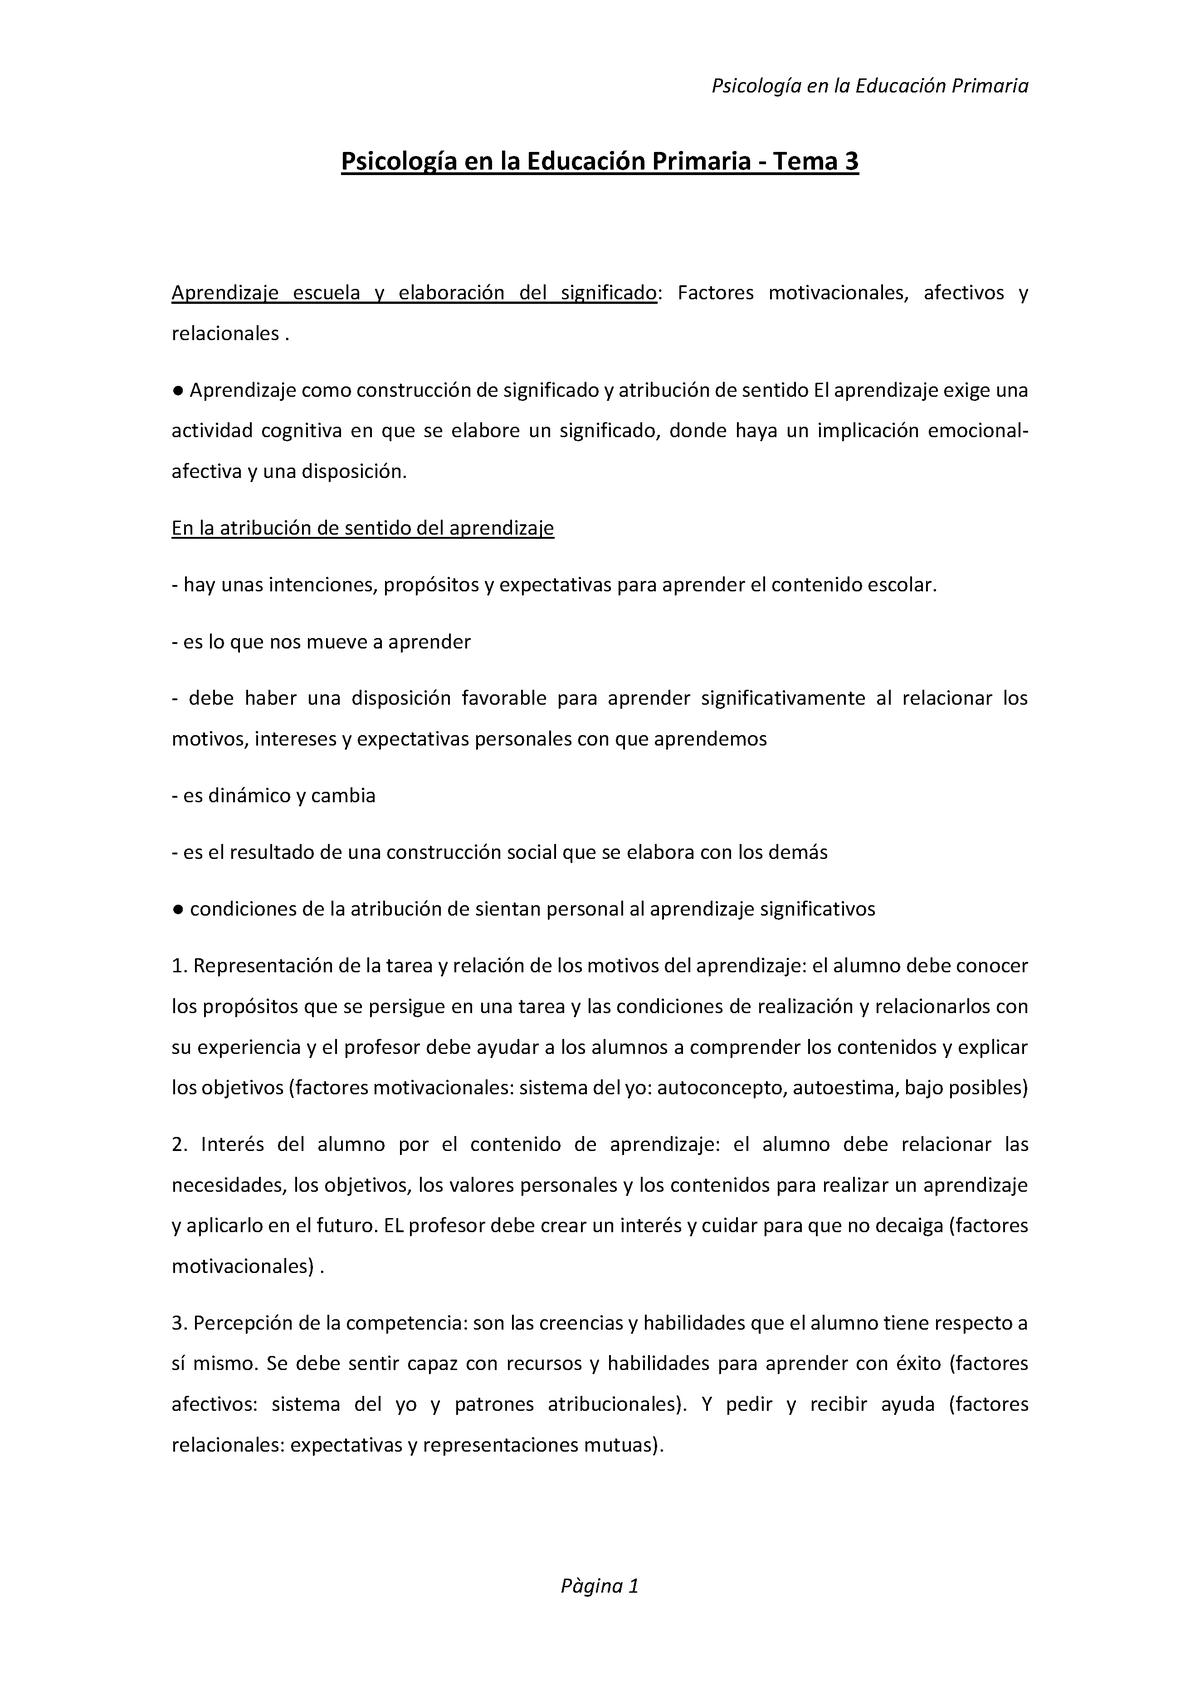 Psicología En La Educación Primaria 102548 Uab Studocu